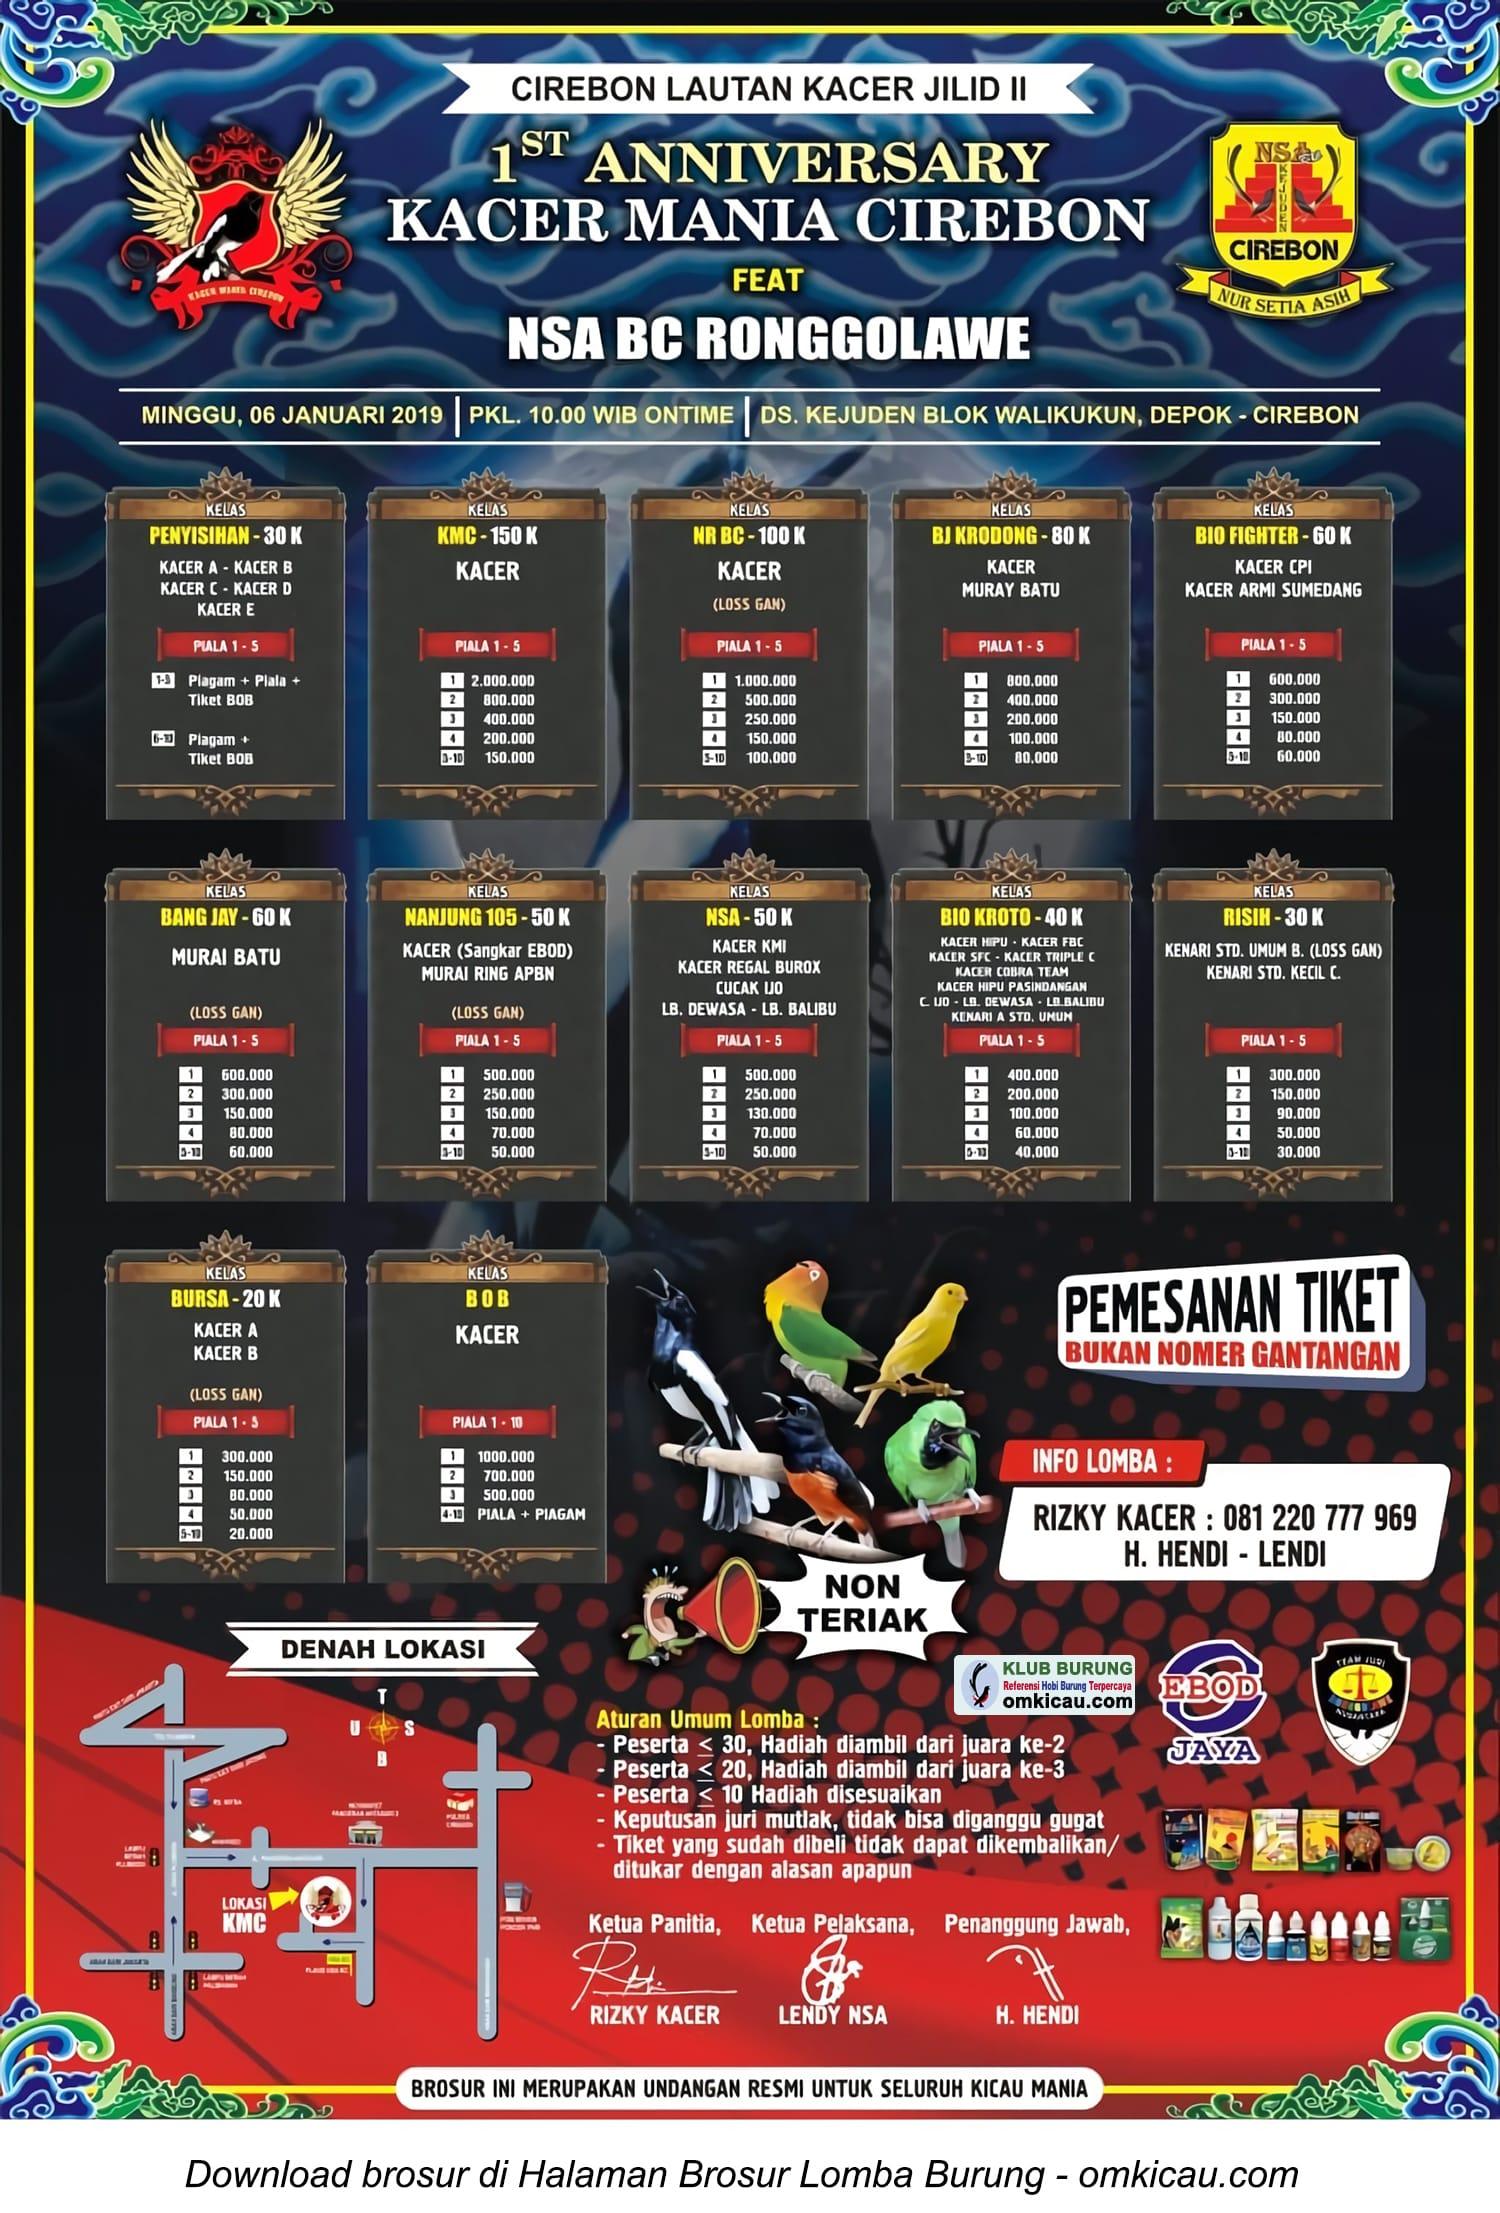 1st Anniversary Kacer Mania Cirebon